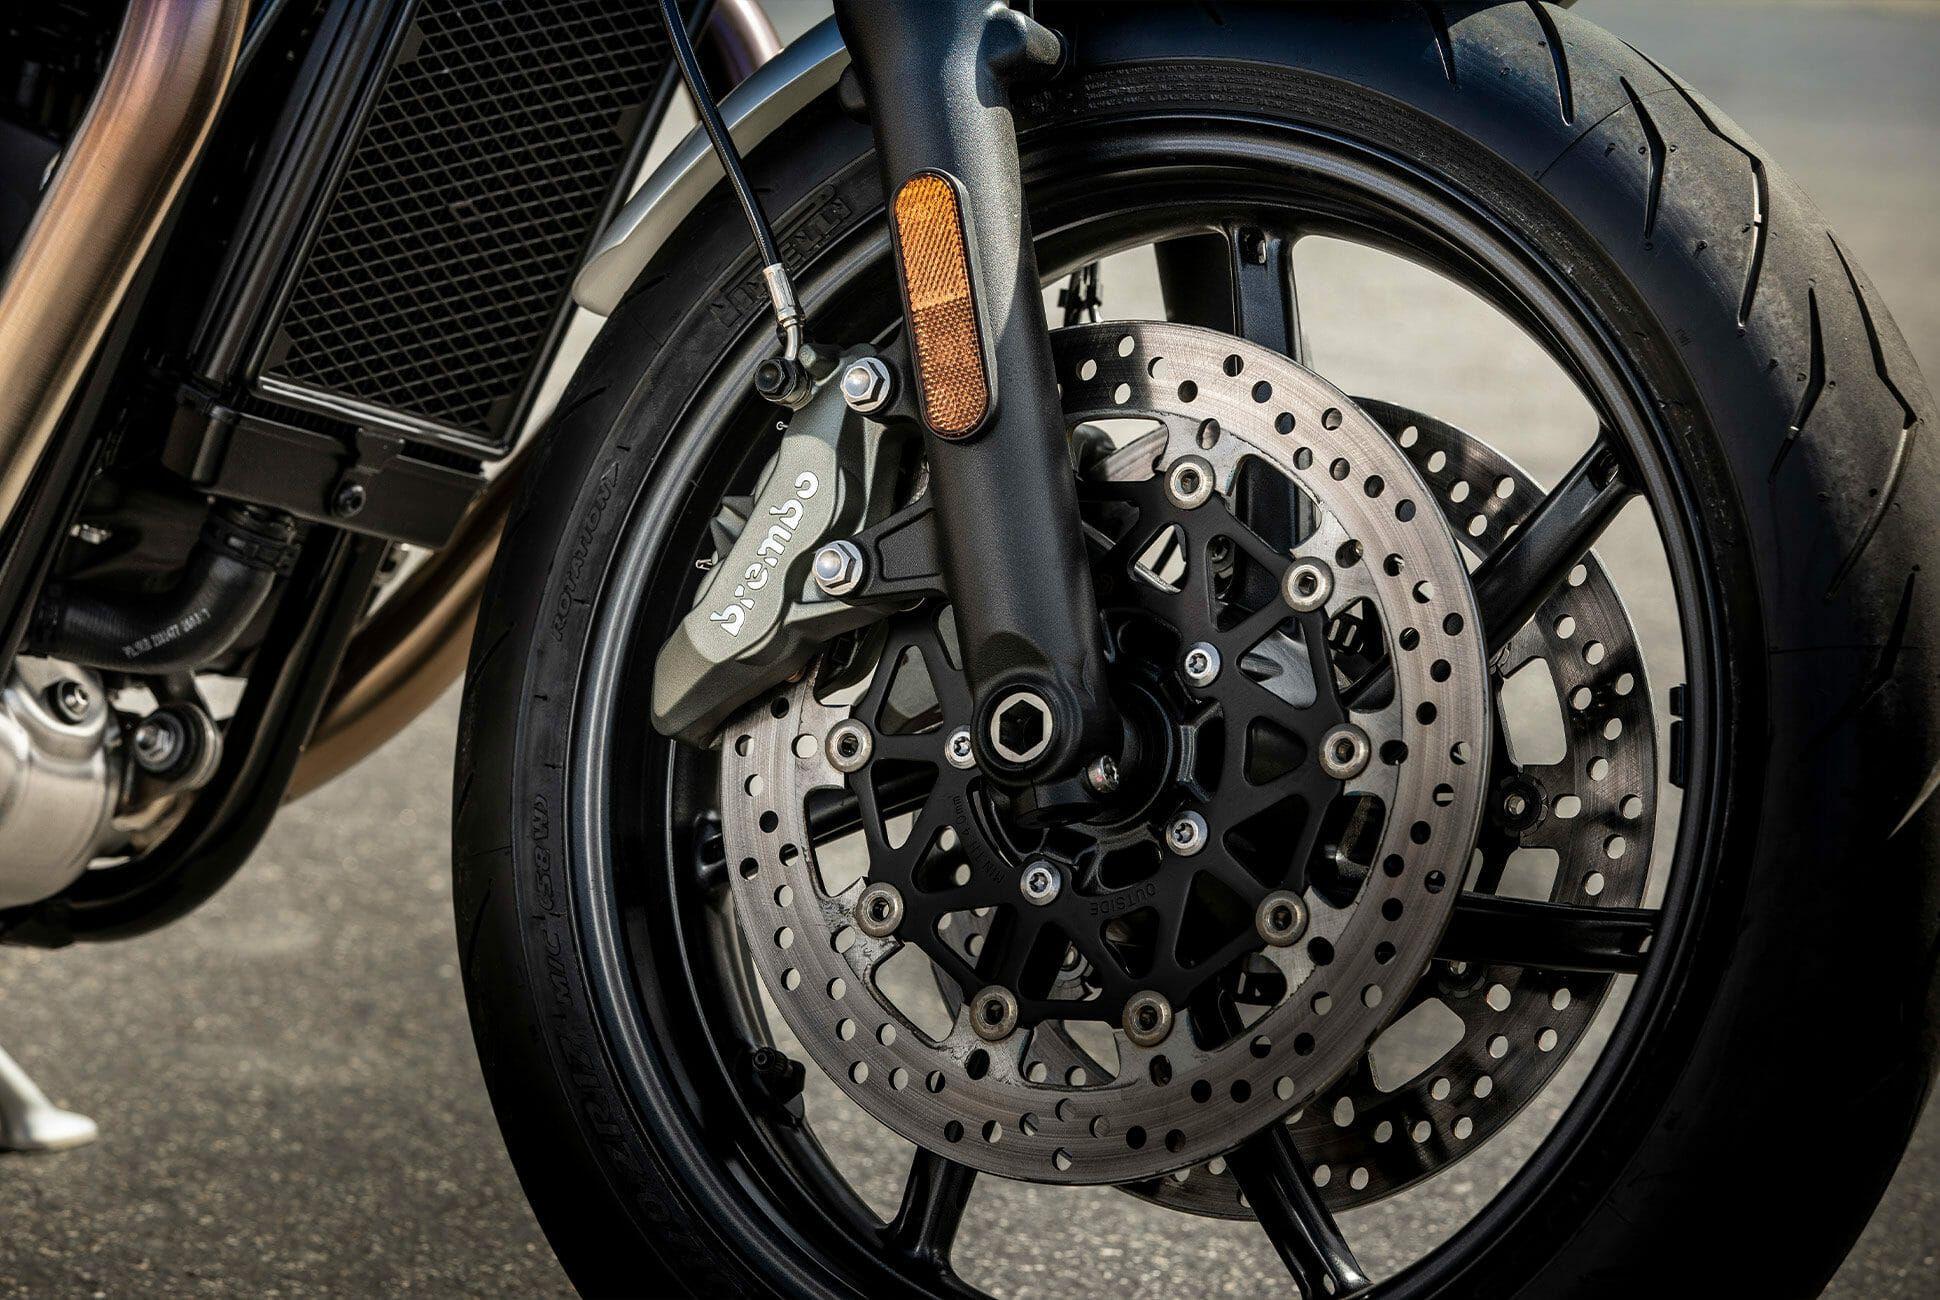 Triumph-Bonneville-Speed-Twin-Gear-Patrol-slide-8